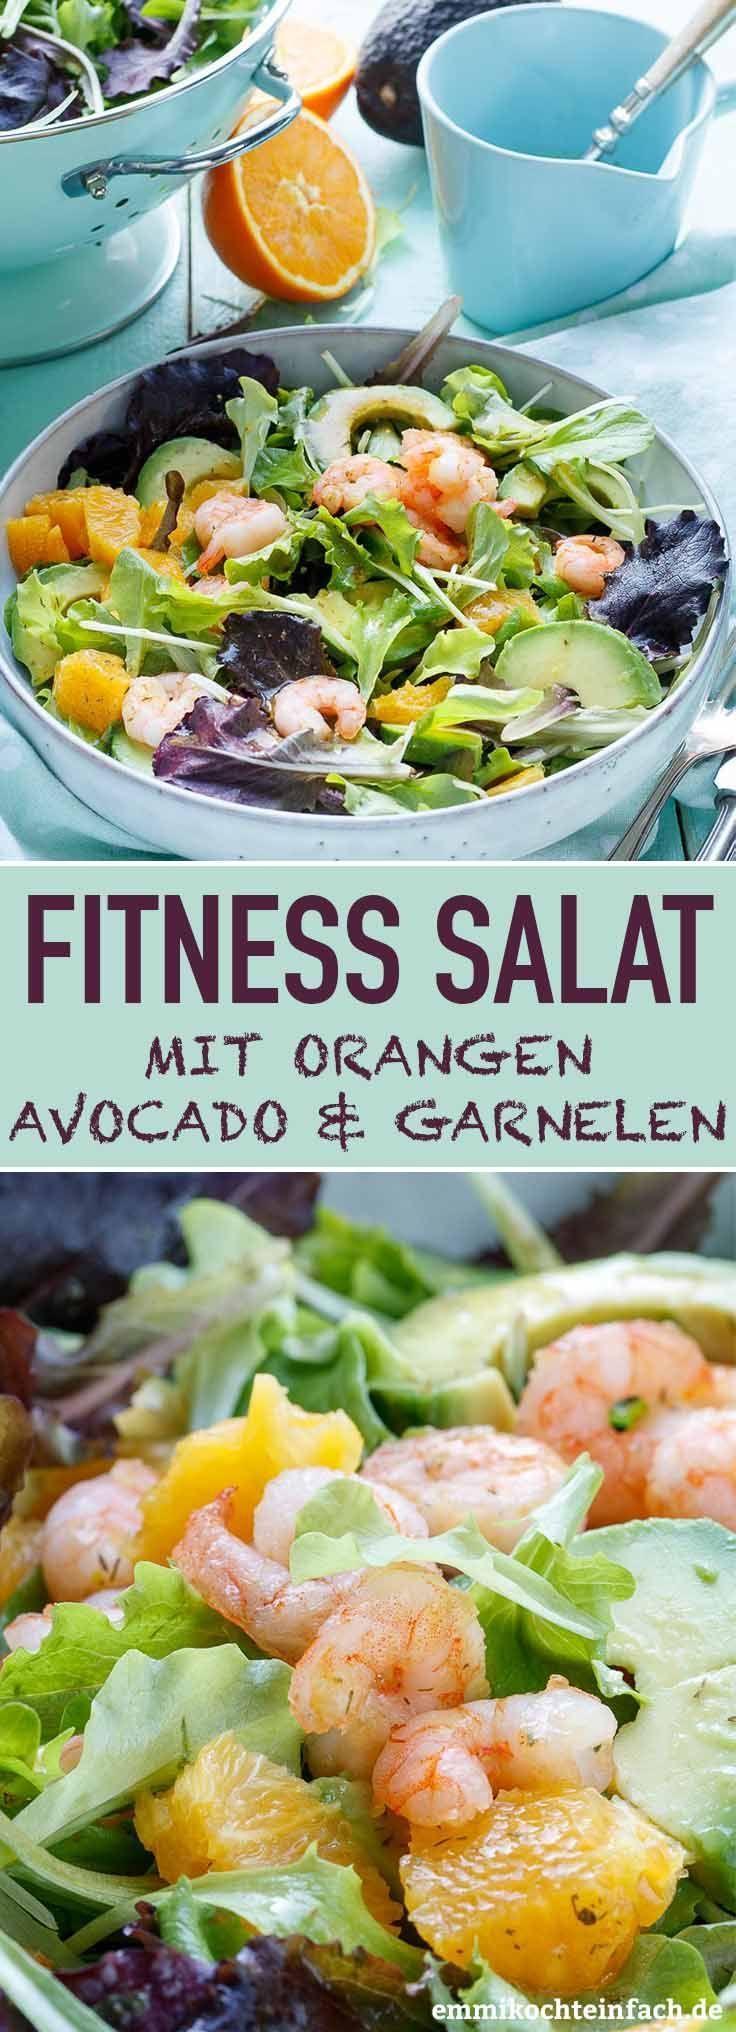 Fitness Salat mit Orangen, Avocado und Garnelen   Ein schneller LowCarb und Power Salat nicht nur fü...